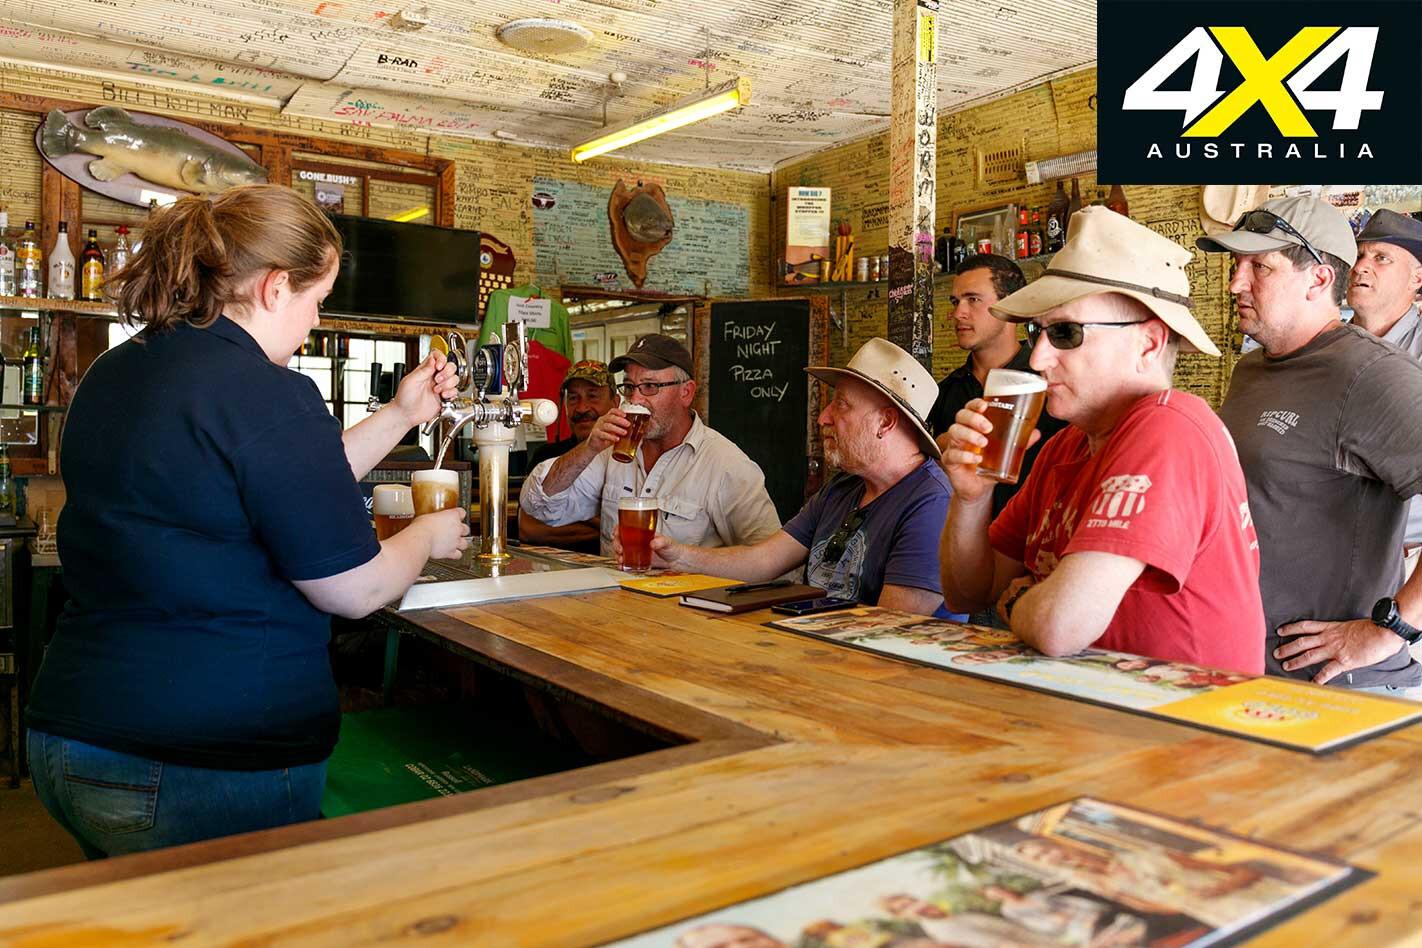 4 X 4 Pubs Tilpa Hotel NSW Beer Jpg